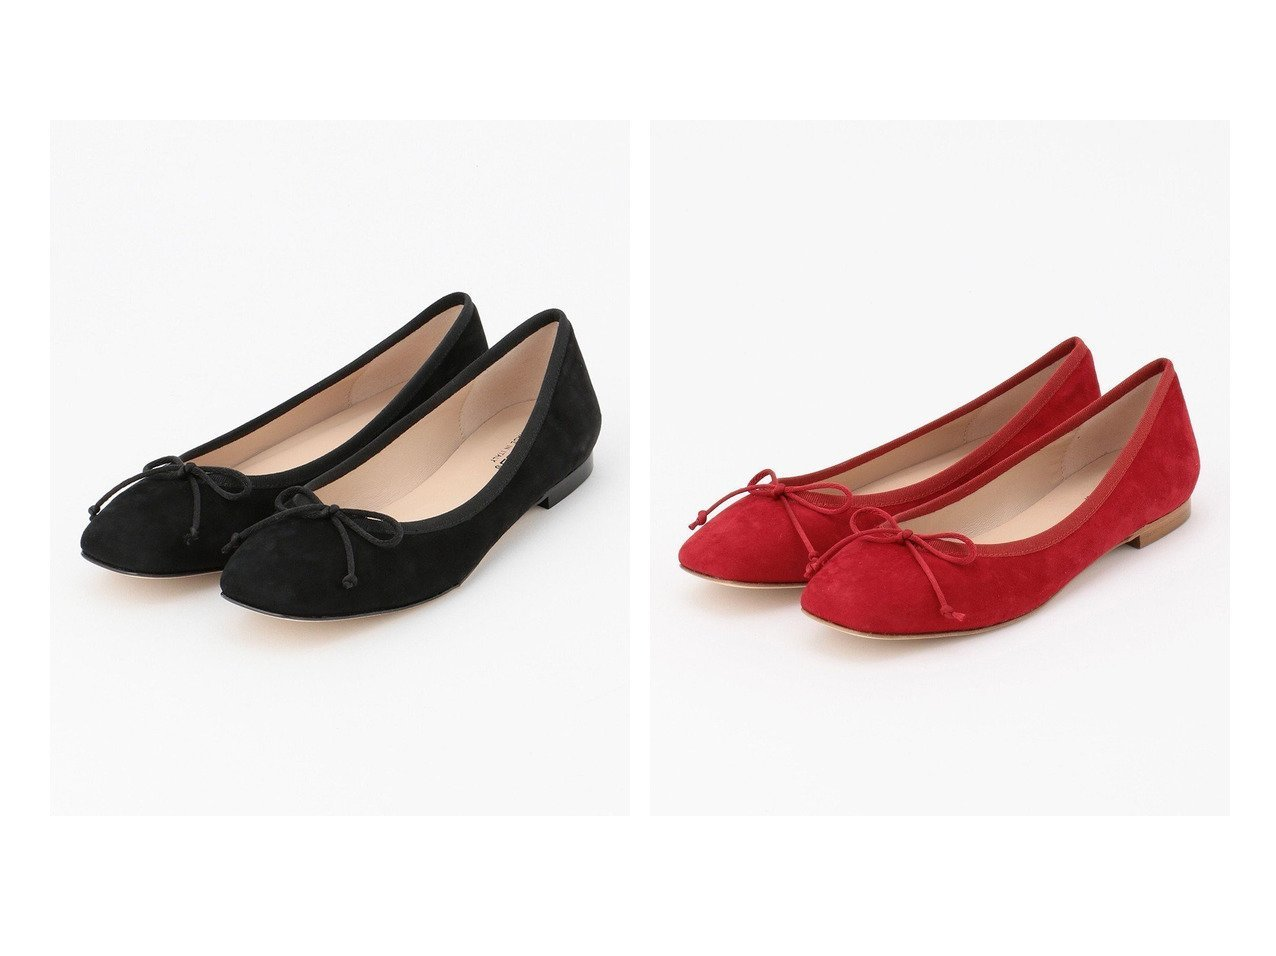 【KUMIKYOKU/組曲】のSTAUS スクエア バレエシューズ(22.5cm~24.5cm)(KF46) 【シューズ・靴】おすすめ!人気、トレンド・レディースファッションの通販 おすすめで人気の流行・トレンド、ファッションの通販商品 インテリア・家具・メンズファッション・キッズファッション・レディースファッション・服の通販 founy(ファニー) https://founy.com/ ファッション Fashion レディースファッション WOMEN 送料無料 Free Shipping 2021年 2021 2021春夏・S/S SS/Spring/Summer/2021 S/S・春夏 SS・Spring/Summer イタリア シューズ スエード スクエア スタンダード バランス バレエ フラット |ID:crp329100000046156